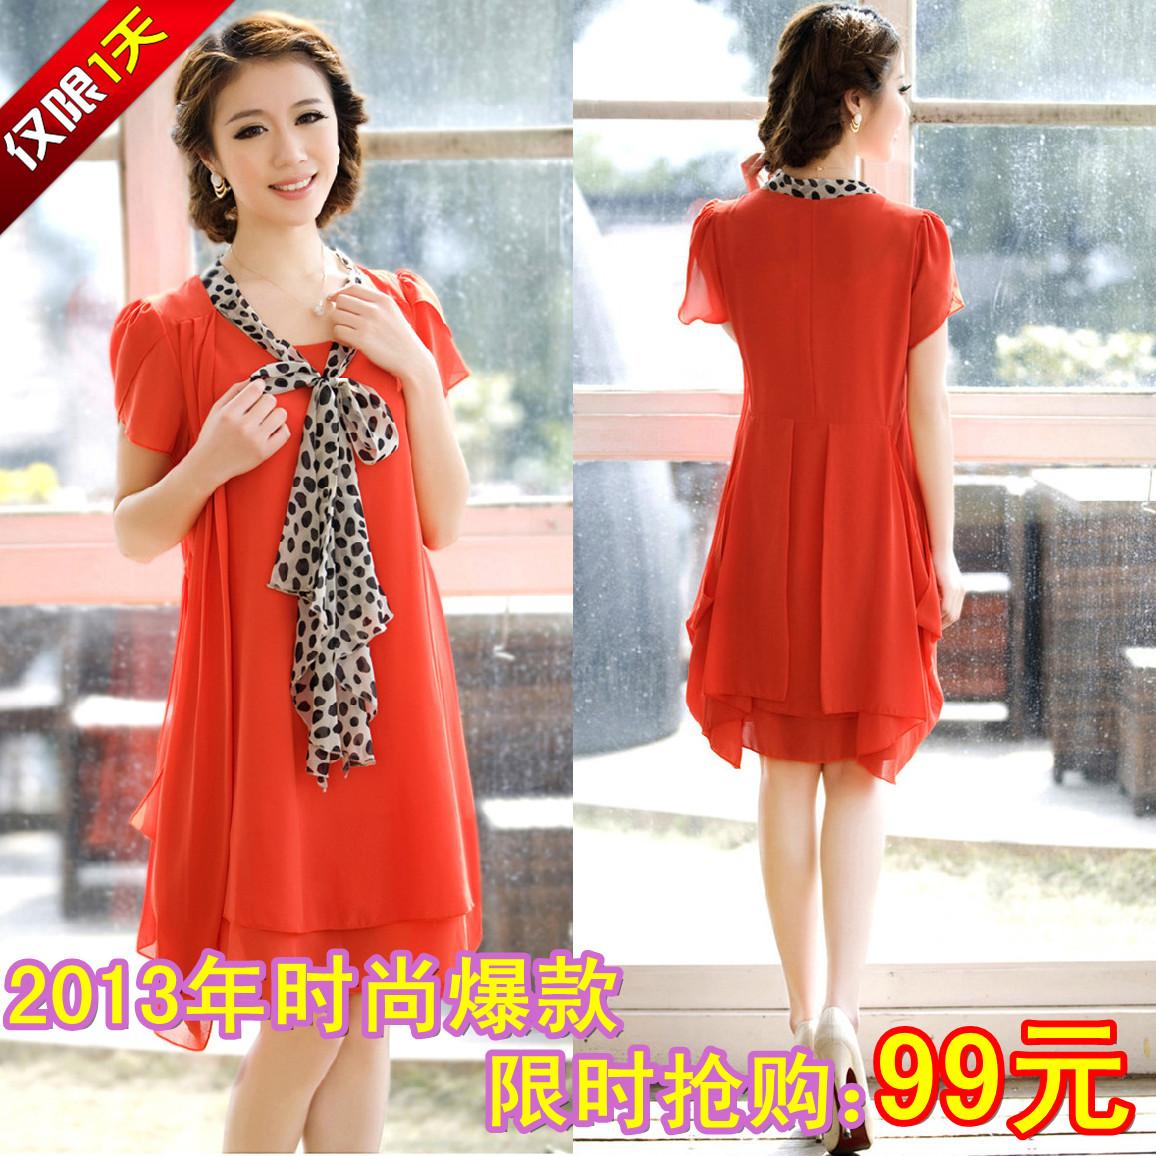 Беременные женщины юбки платья материнства t Новая весна, Весна Лето Мода корейских женщин платье плюс размер шифона платье